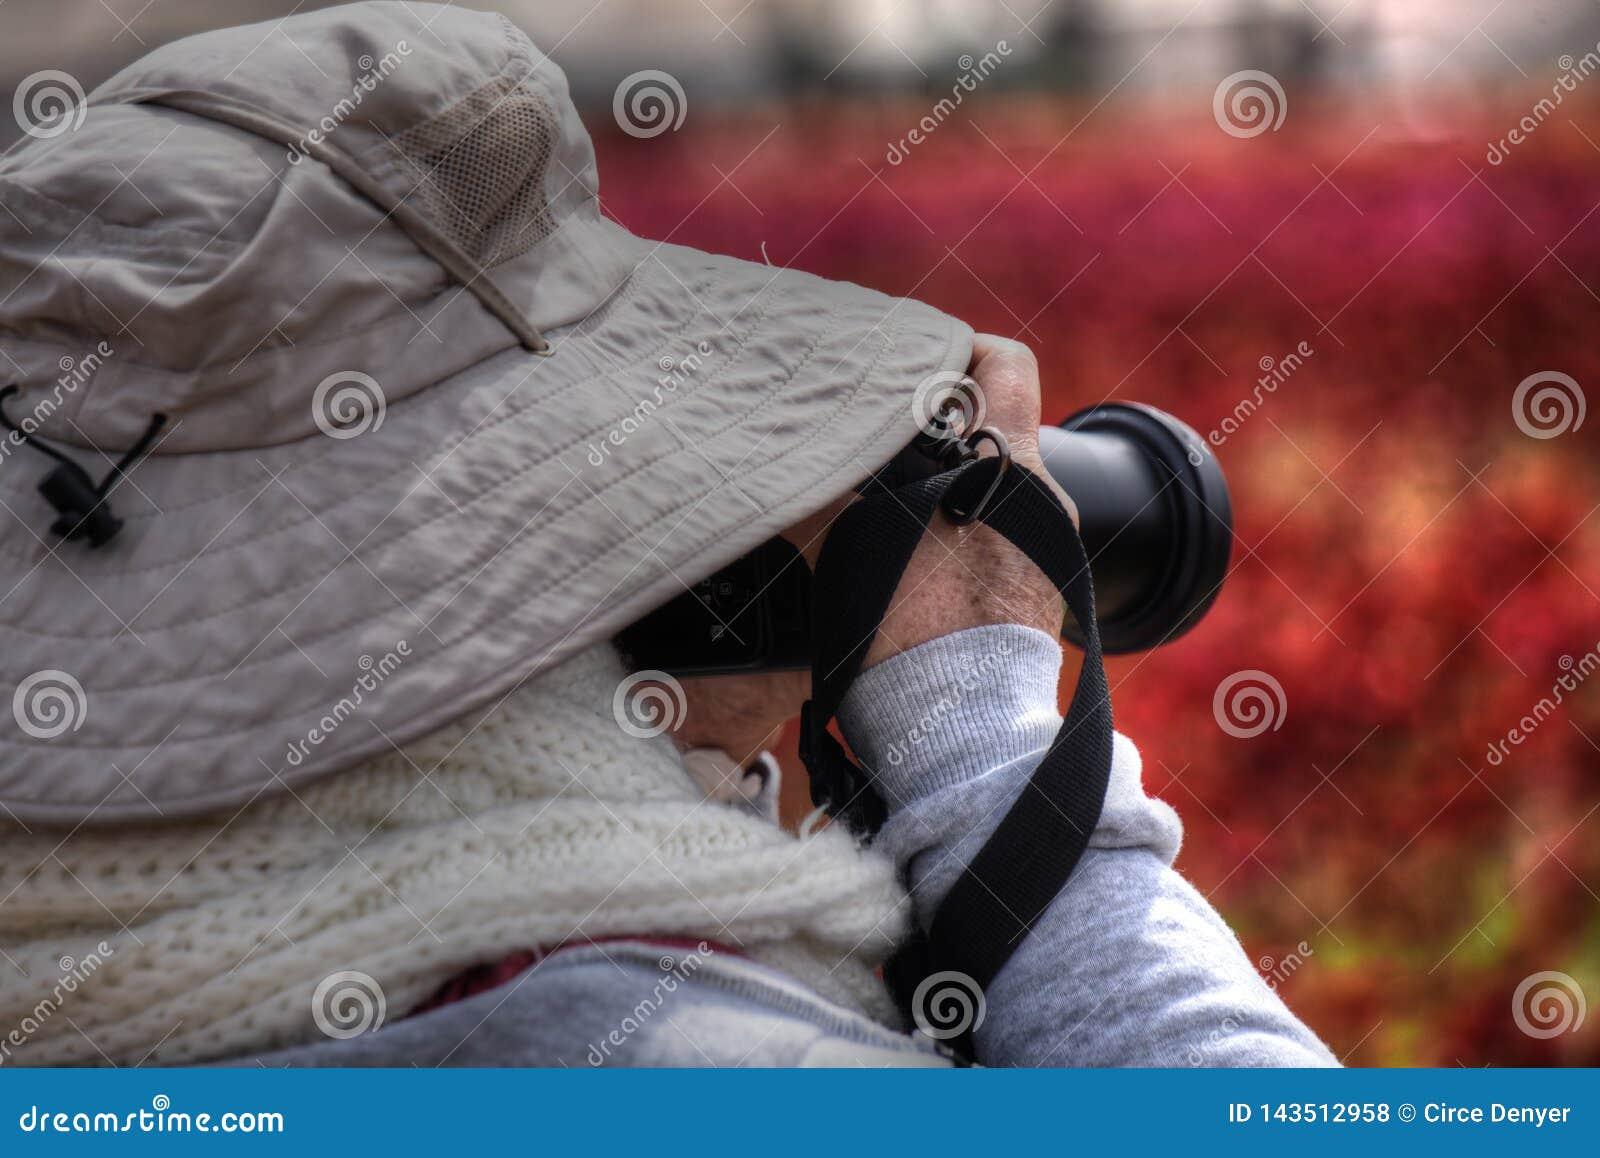 Θηλυκός φωτογράφος που φωτογραφίζει τα wildflowers κατά τη διάρκεια της Καλιφόρνιας Superbloom ανατολικού ανέμου